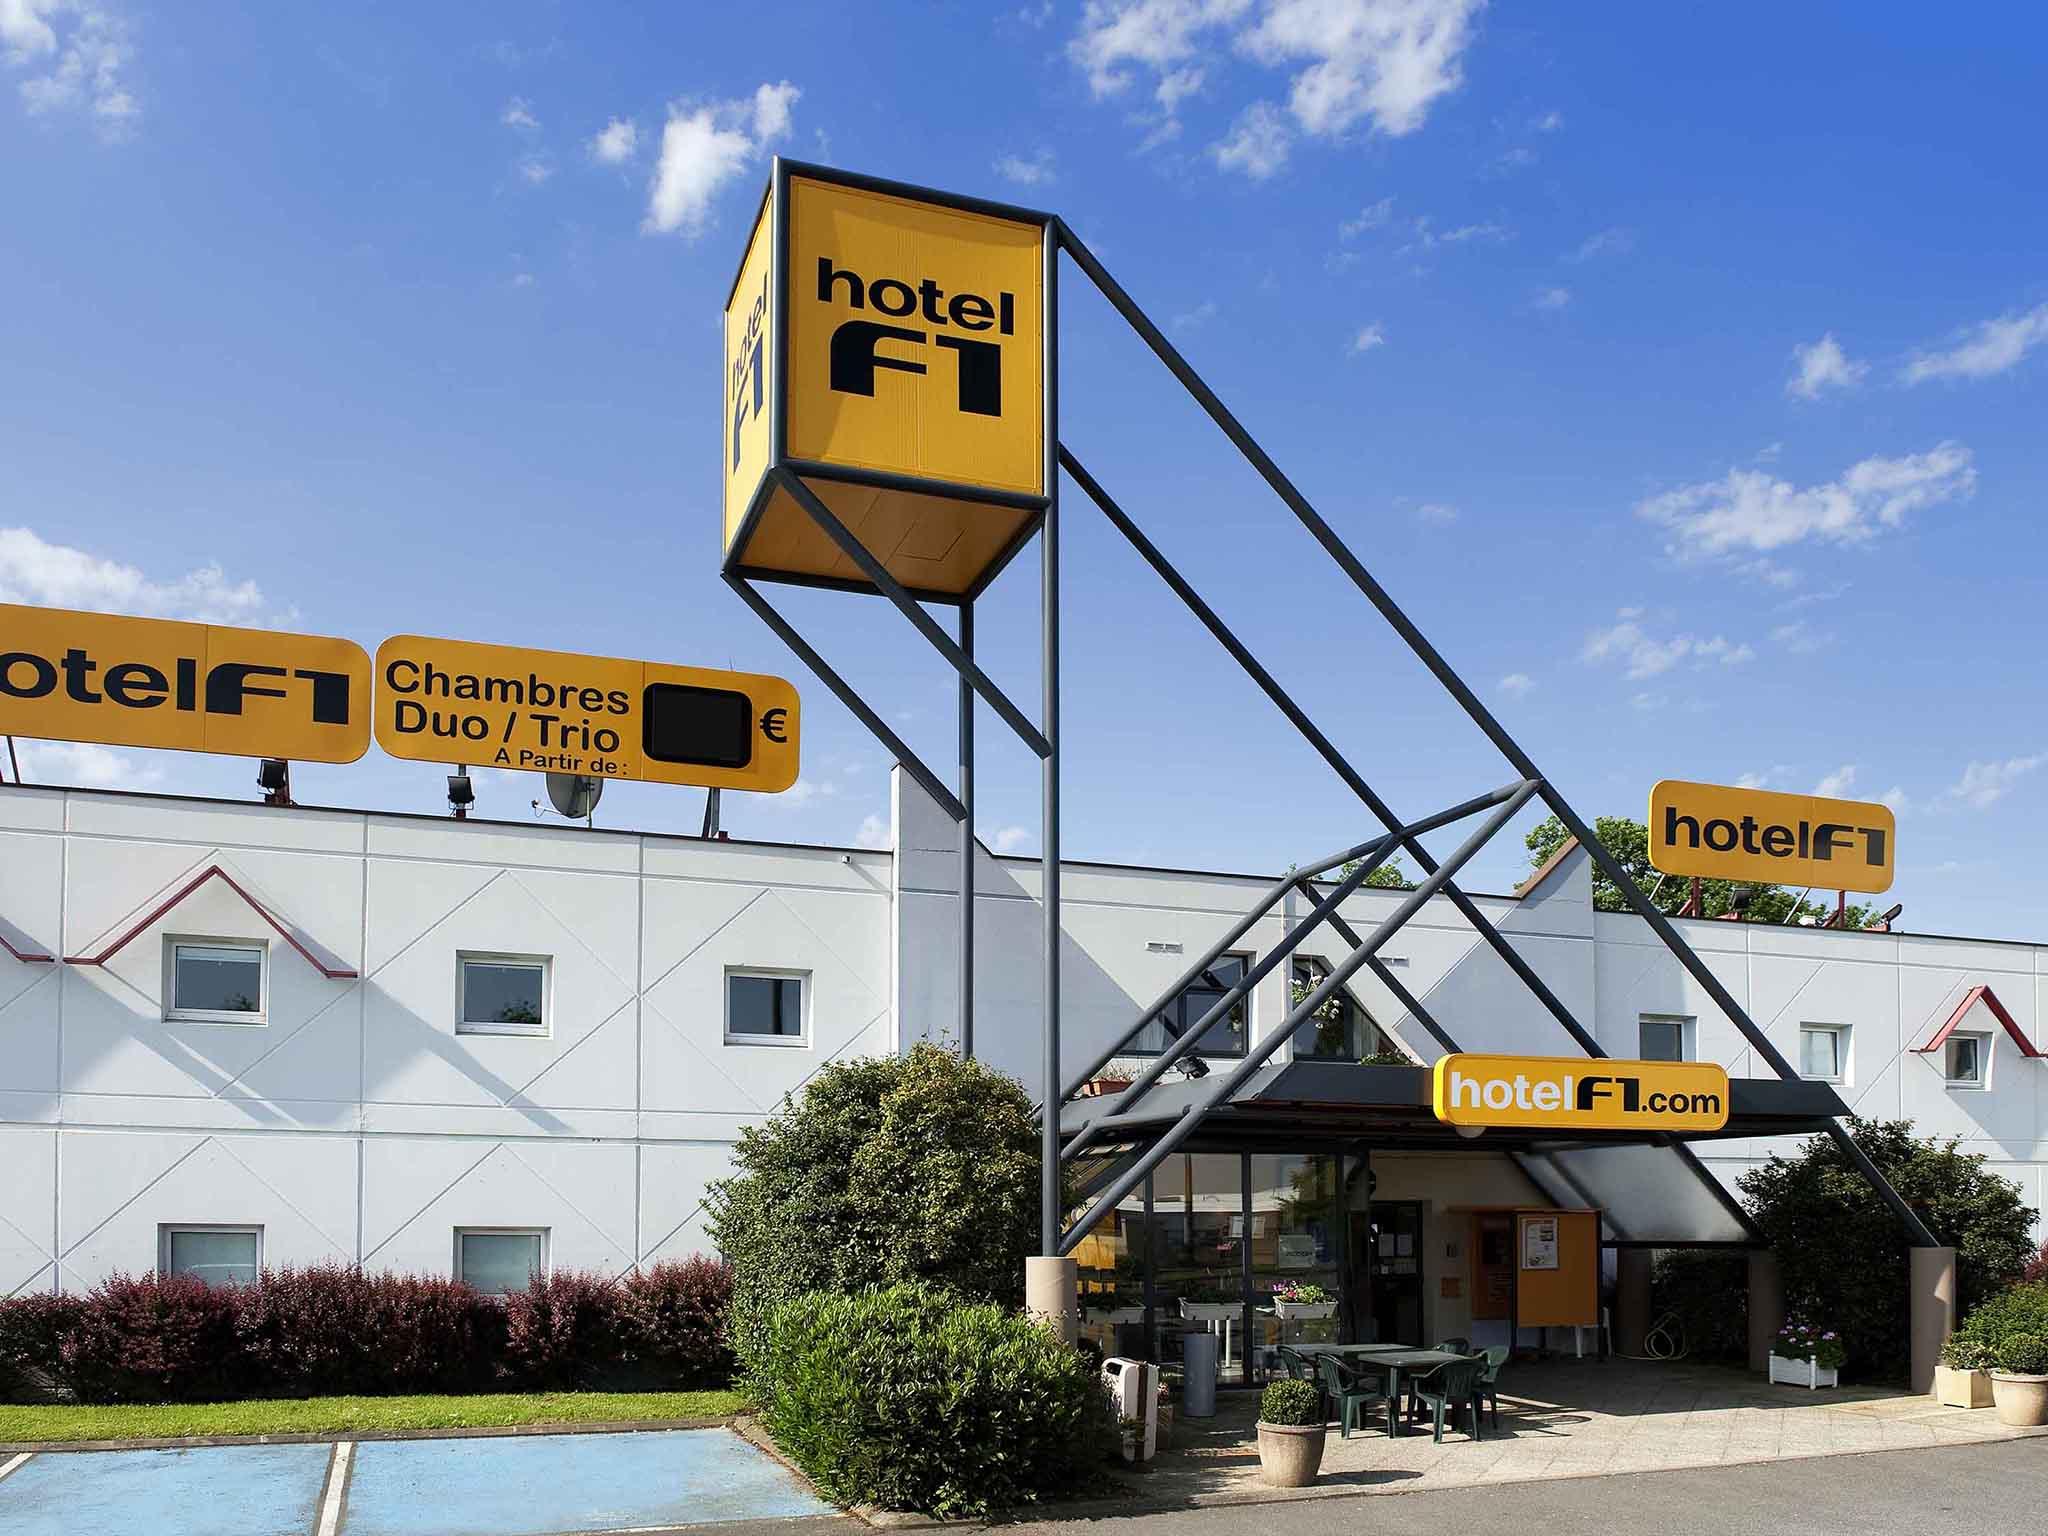 Hôtel - hotelF1 Brive Ussac